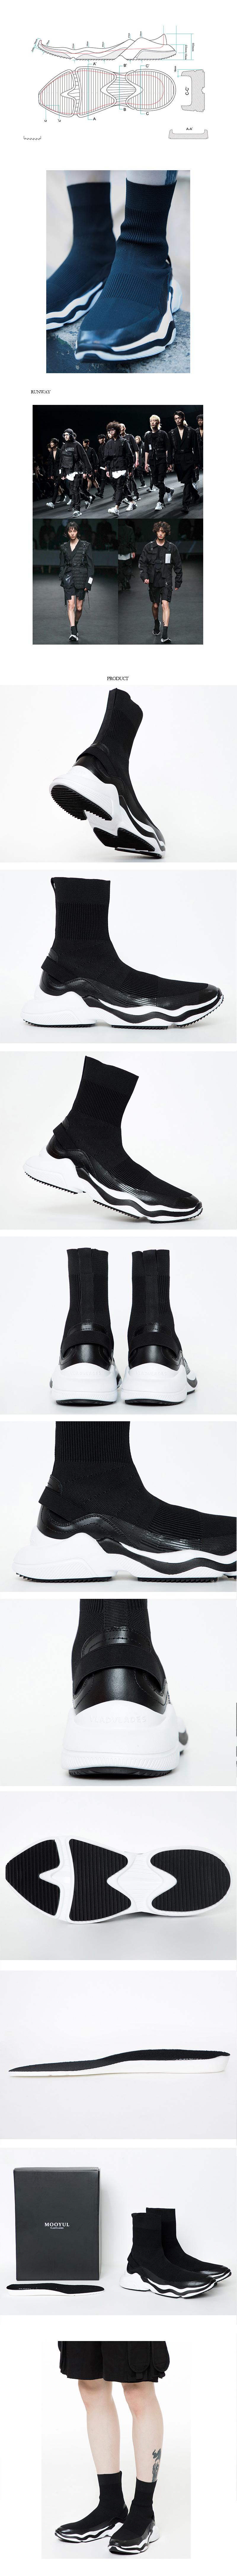 블라드블라디스(VLADVLADES) Hose Top Socks Shoes